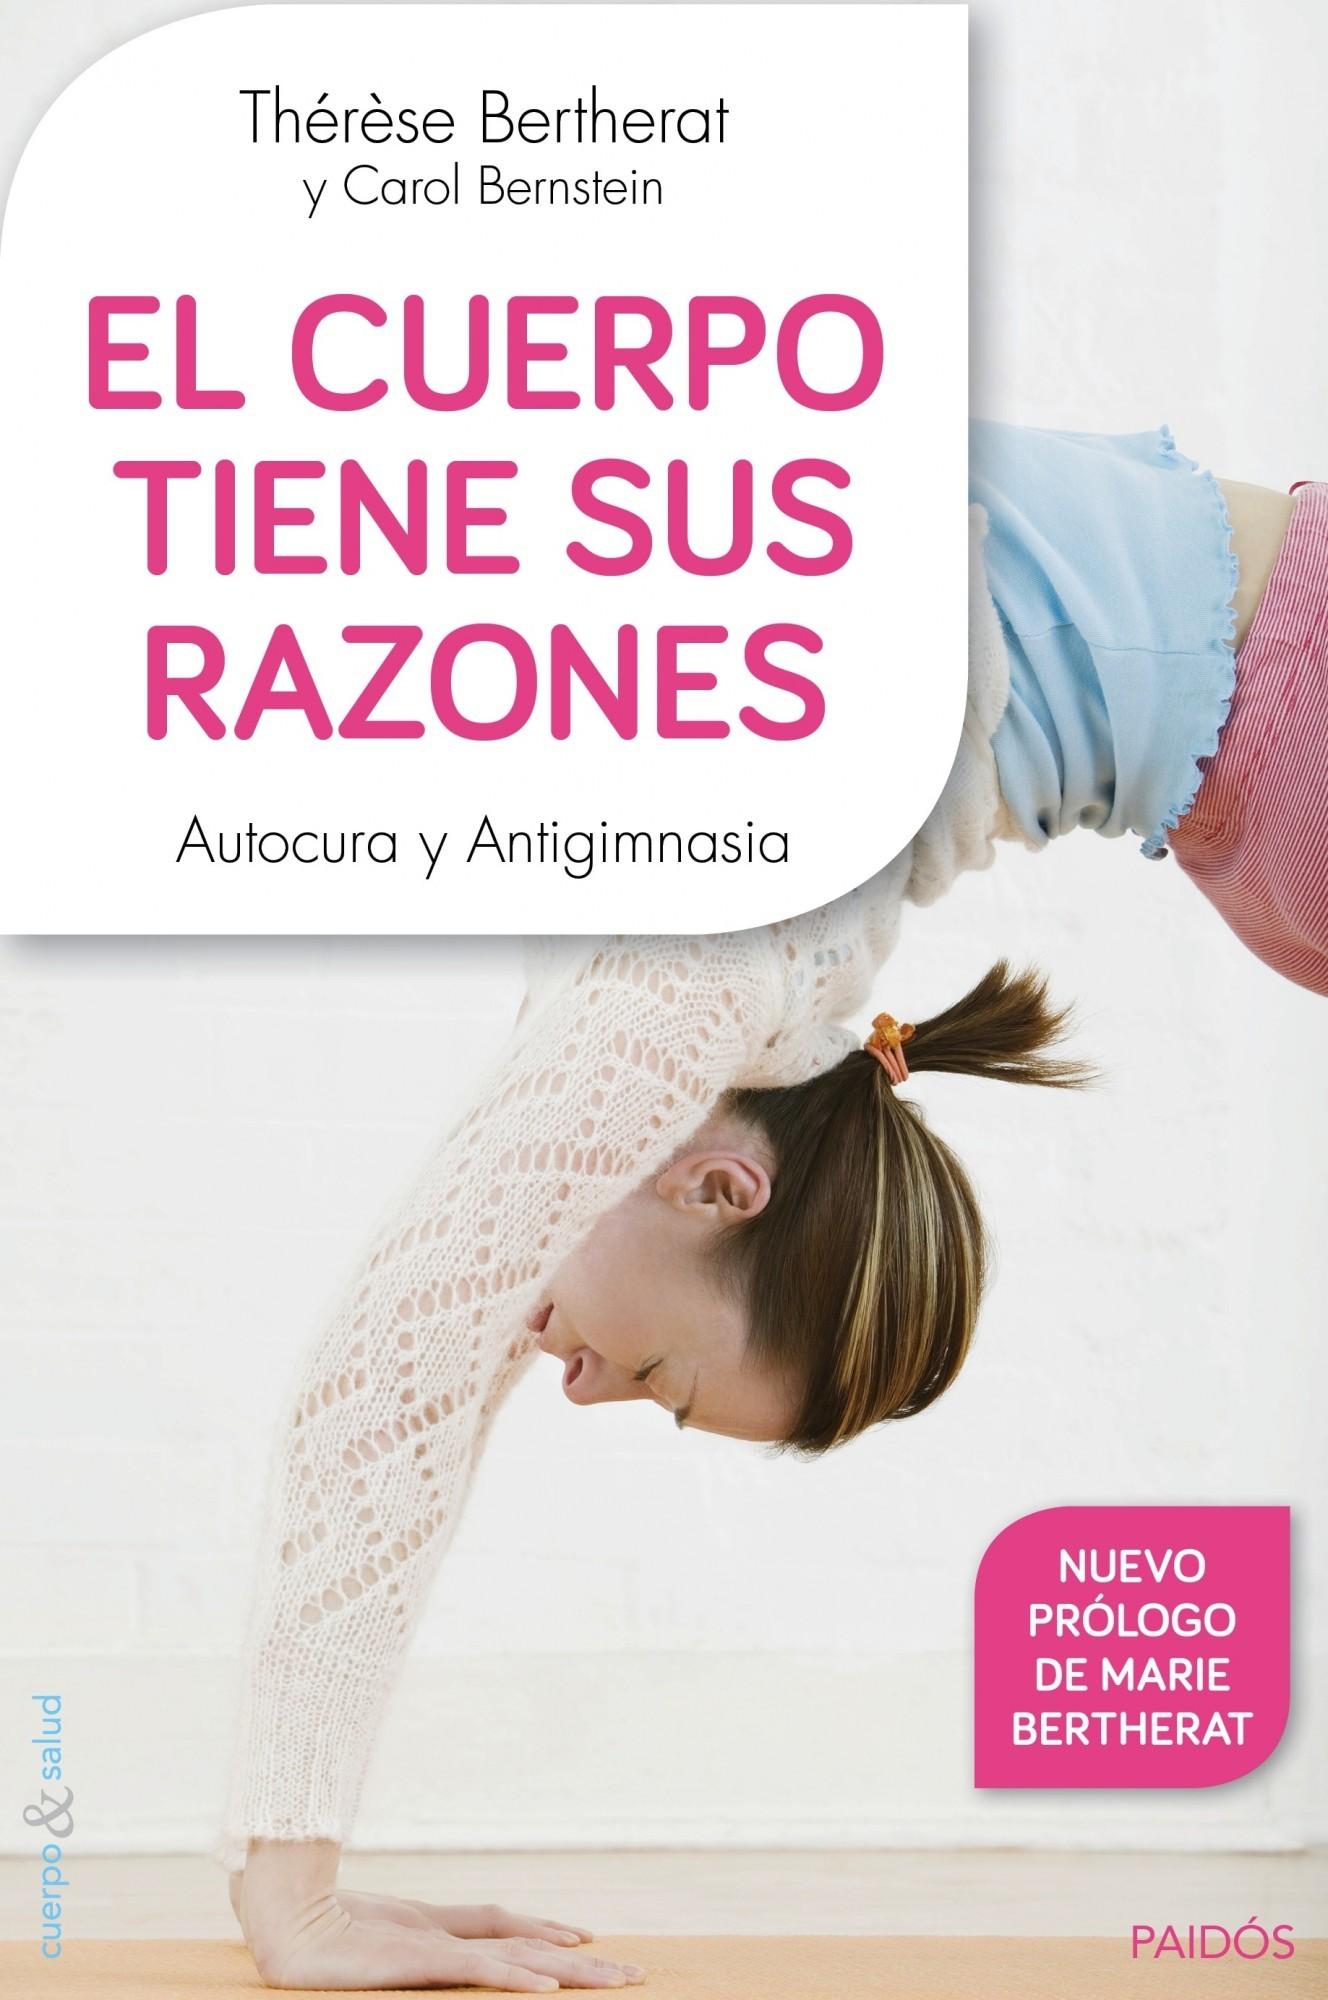 EL CUERPO TIENE SUS RAZONES; AUTOCURA Y ANTIGIMNASIA